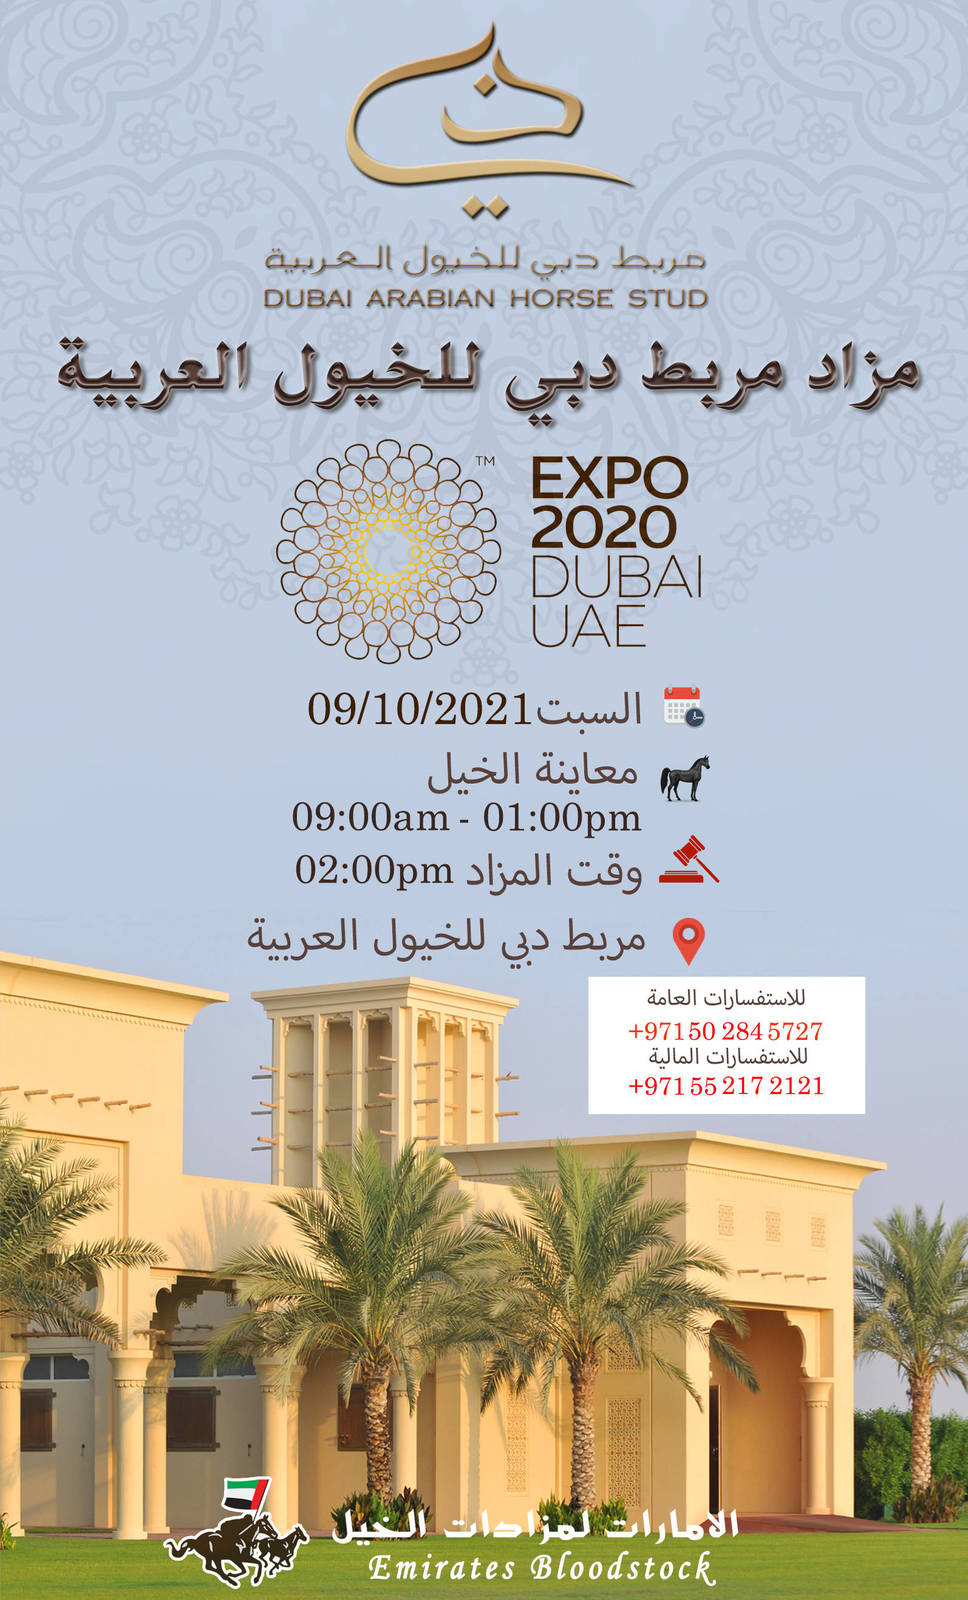 Dubai Stud Auction - Expo 2020